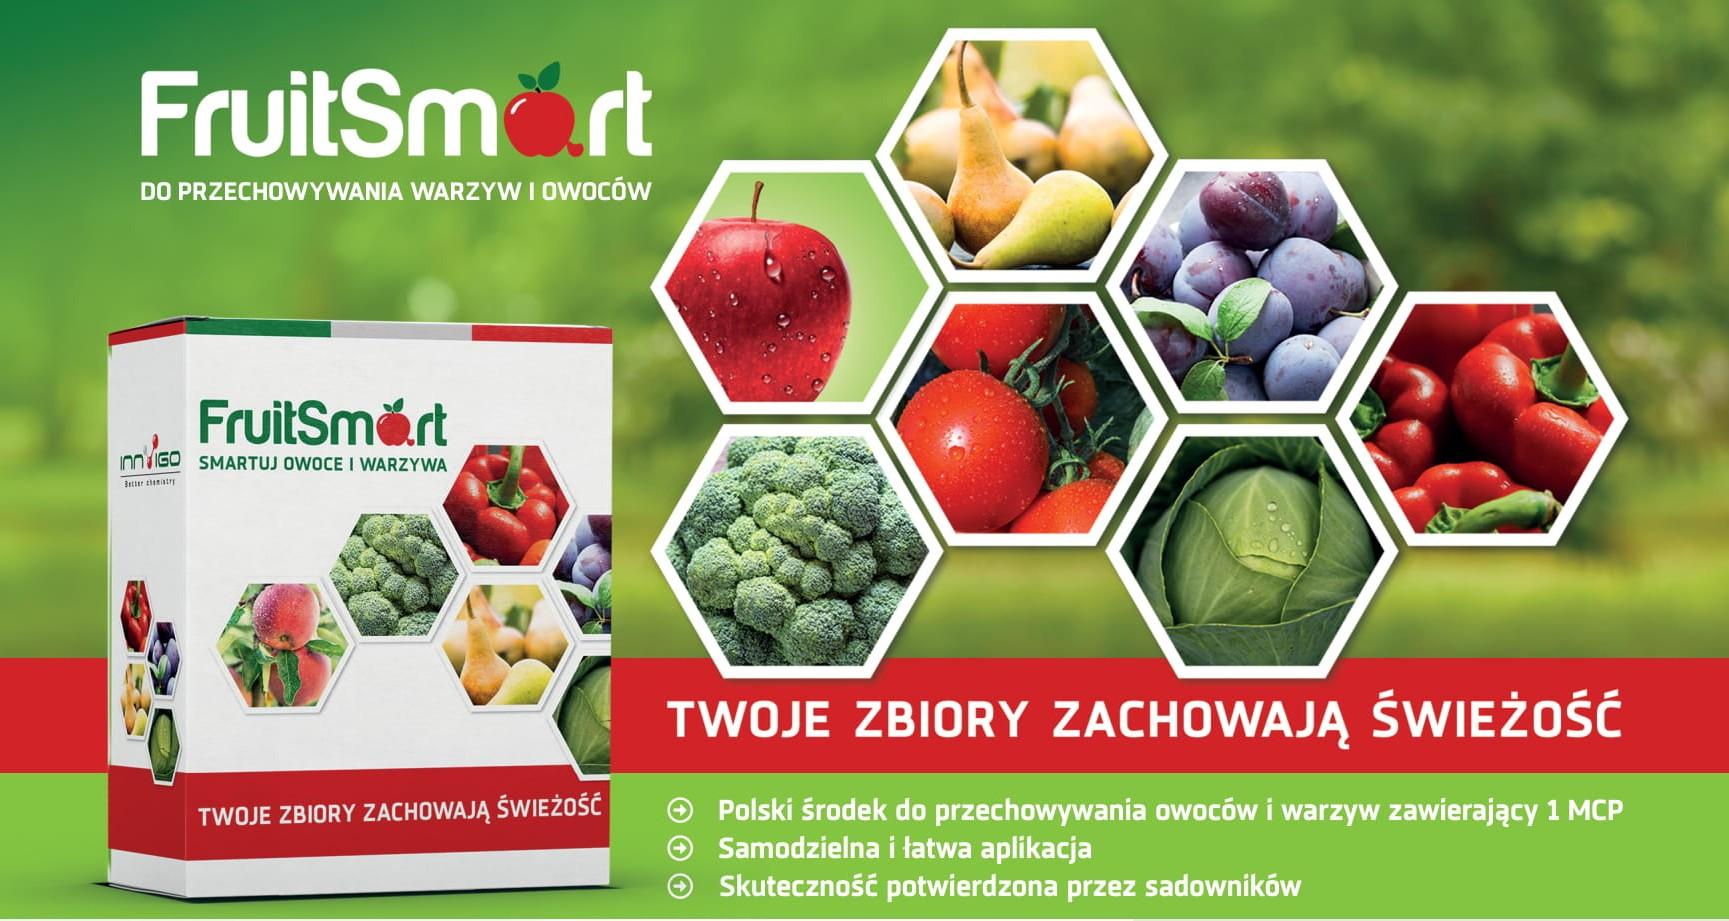 Przechowalnictwo owoców i warzyw